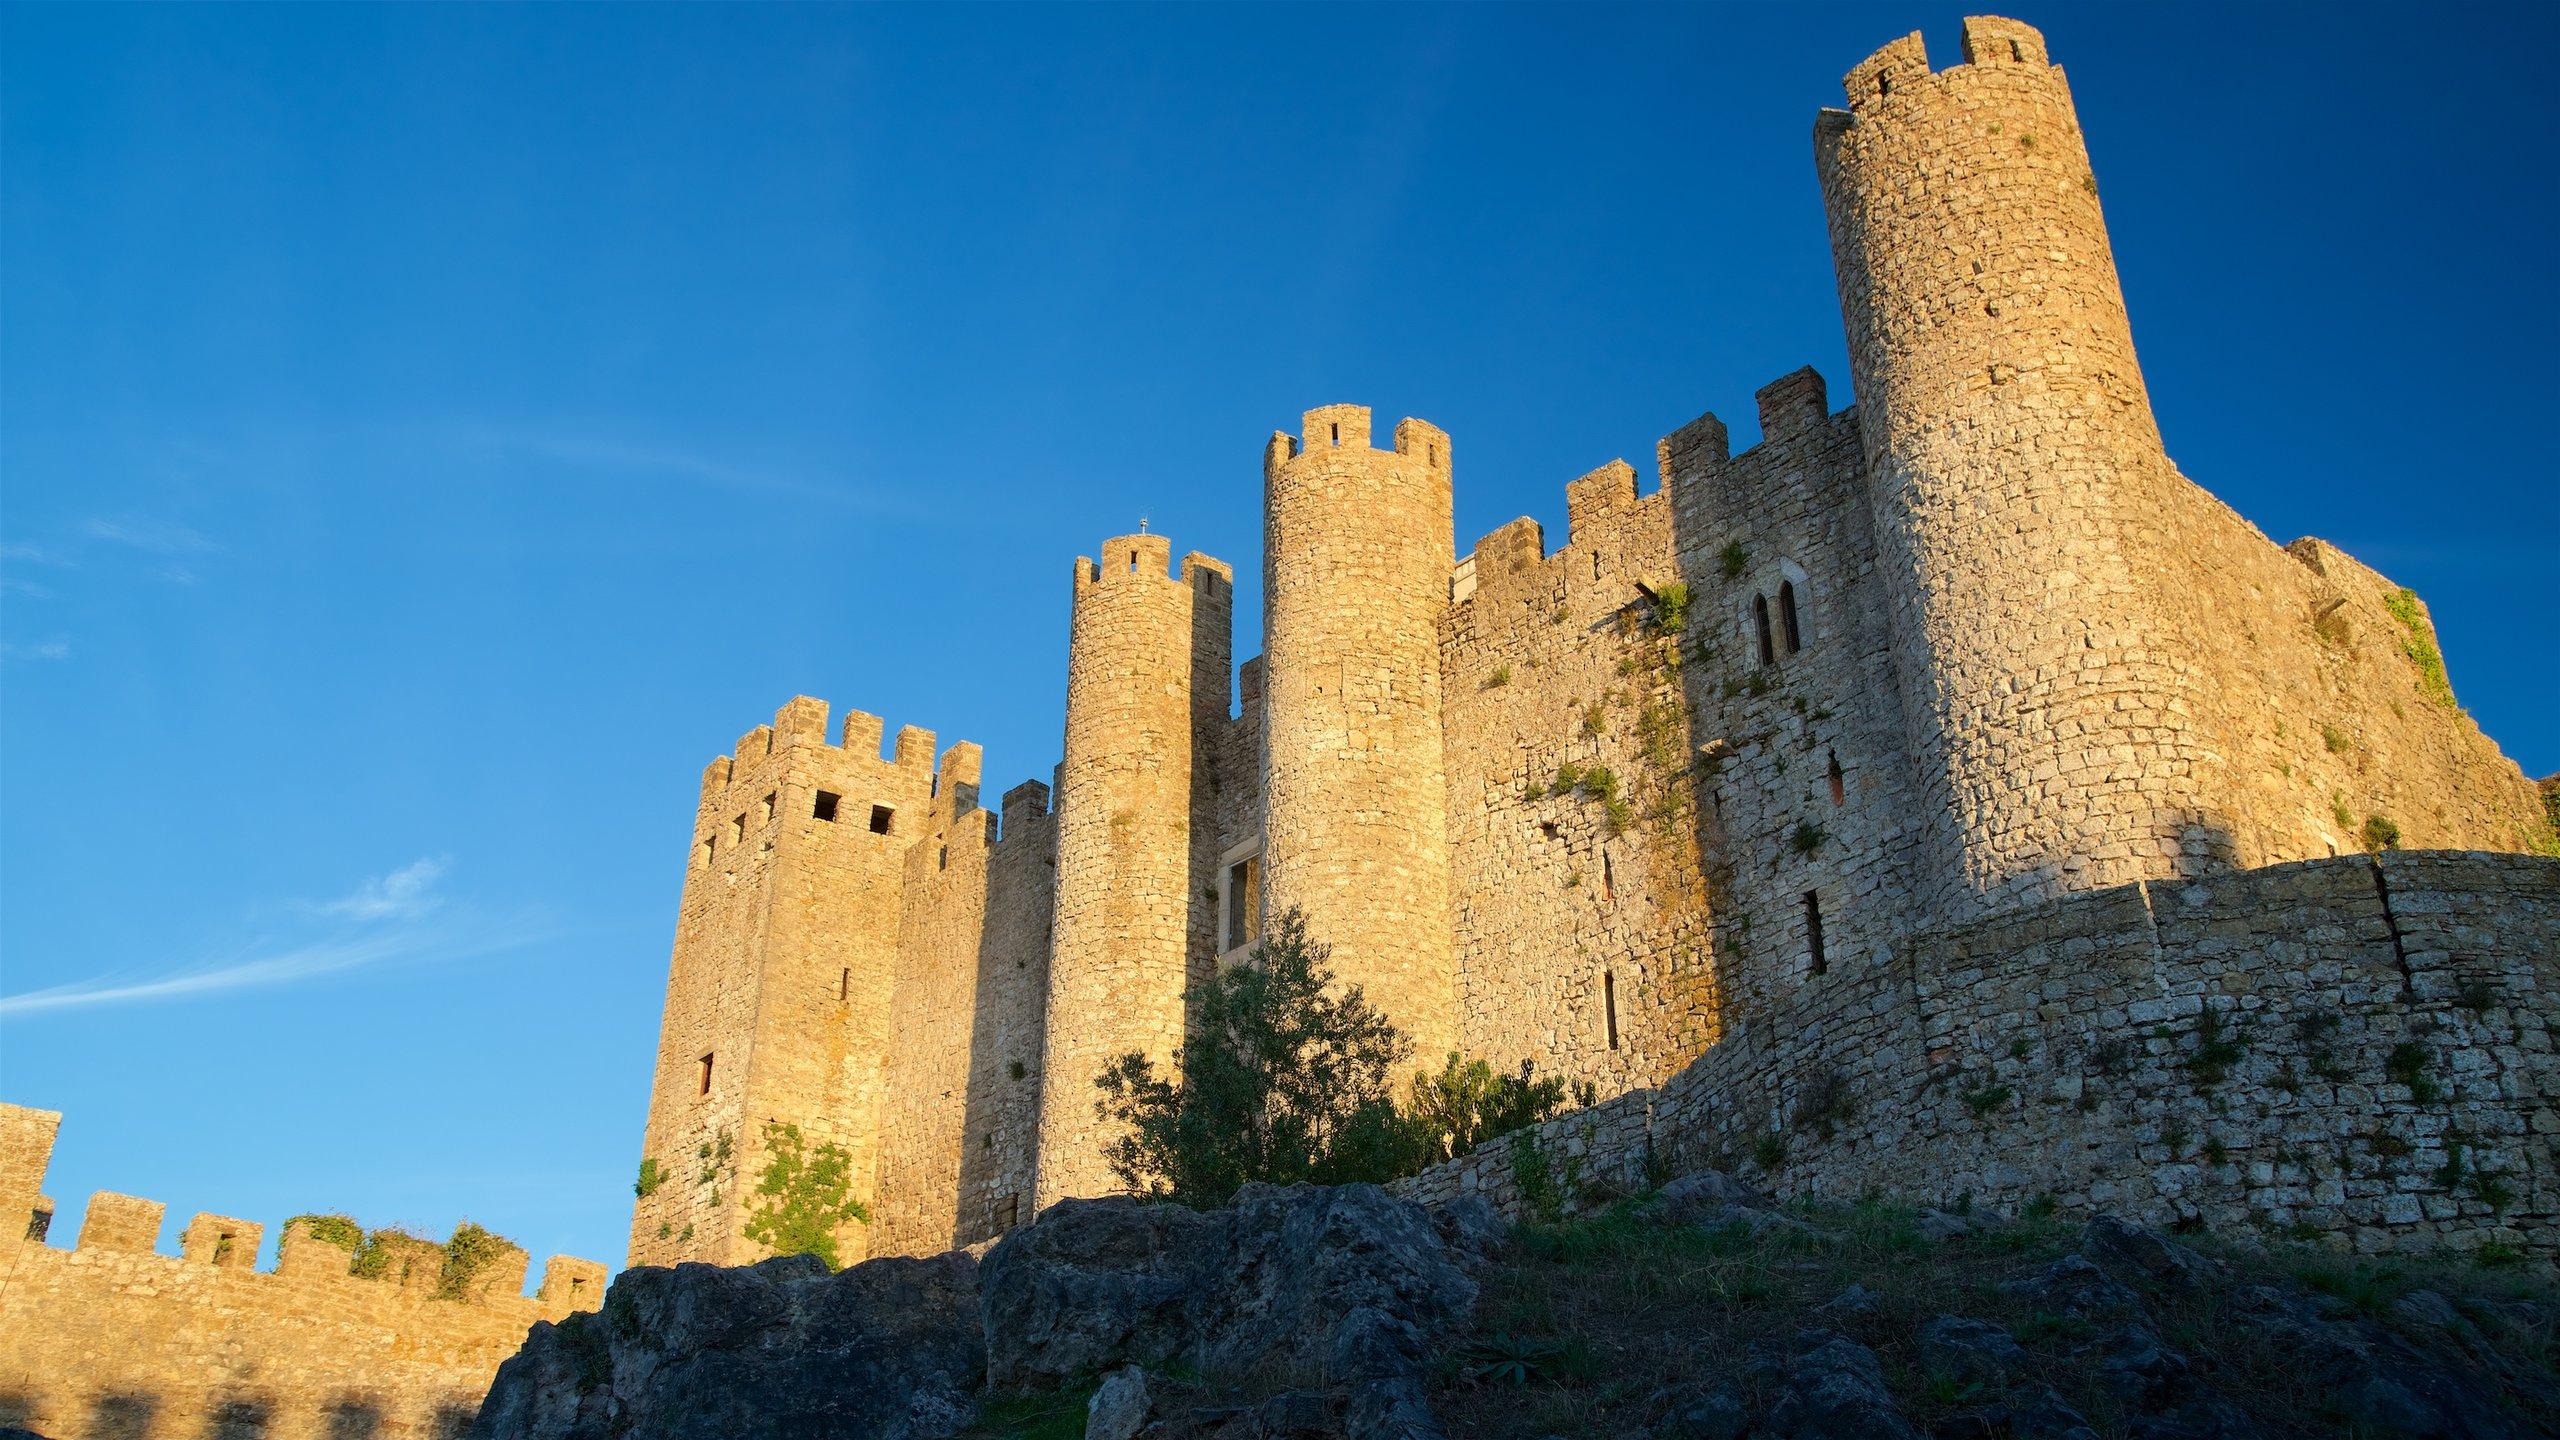 Obidos Castle, Obidos, Leiria District, Portugal